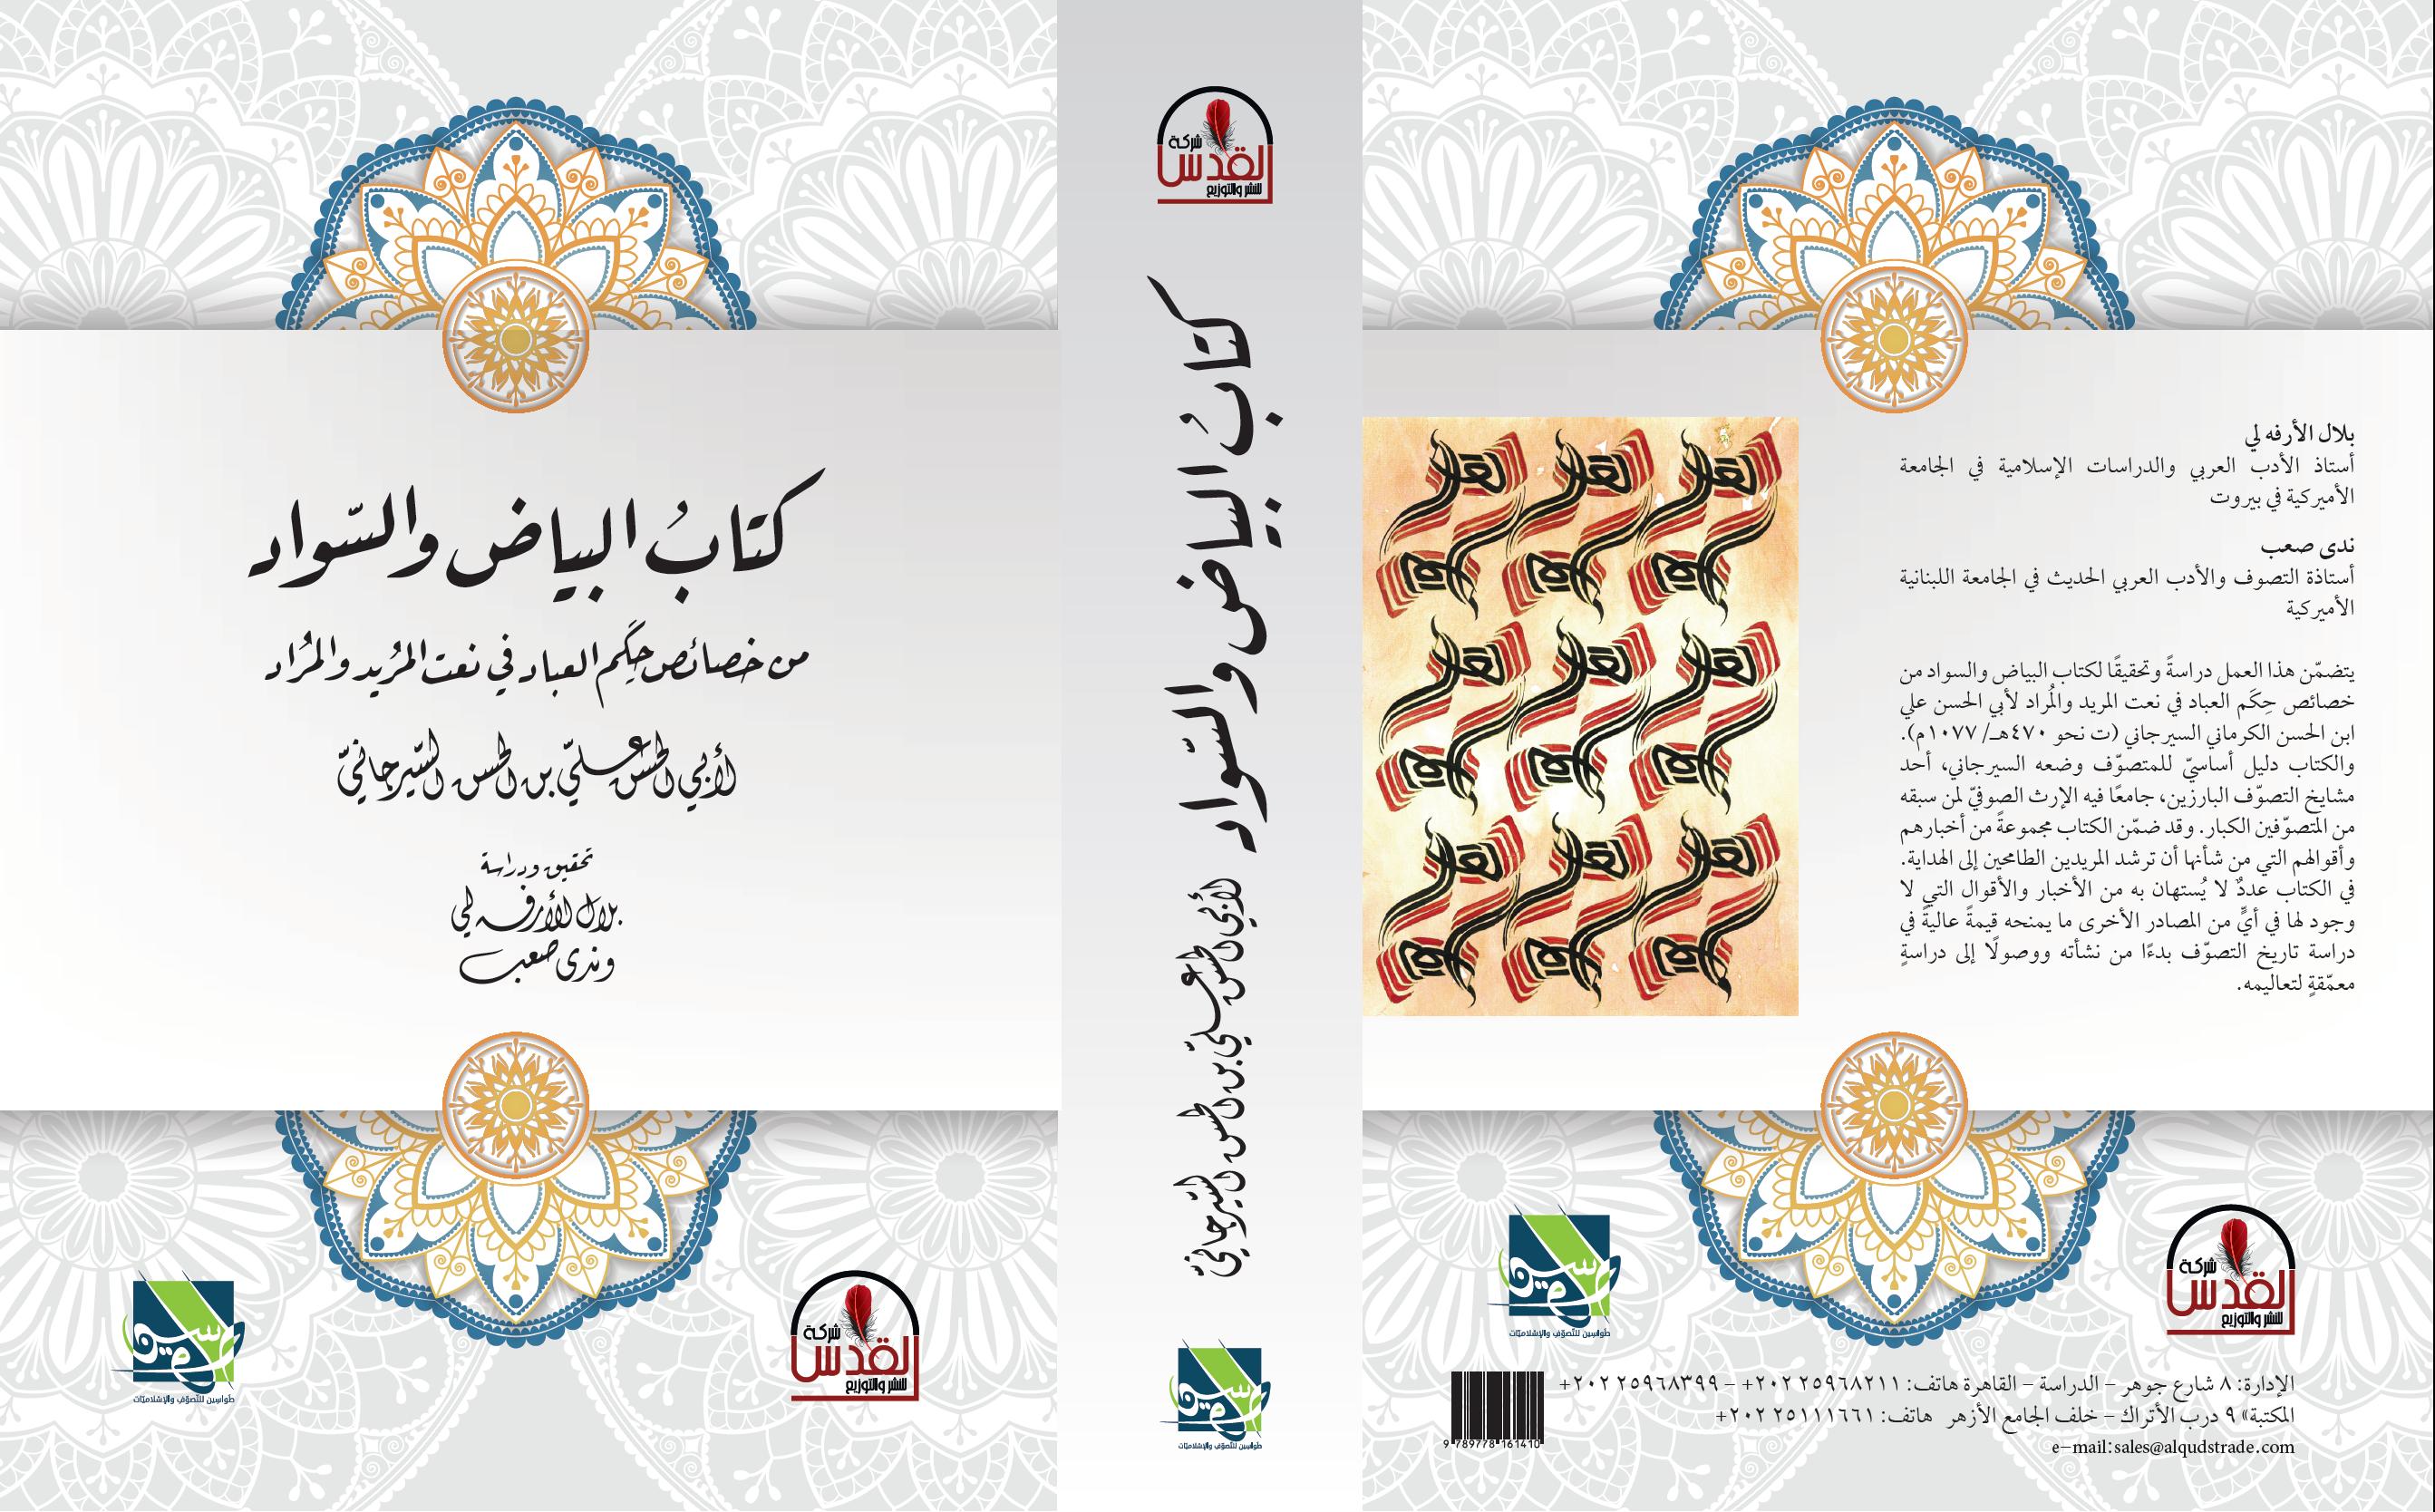 """صدور كتاب """"البياض والسواد"""" لأبي الحسن السيرجاني"""